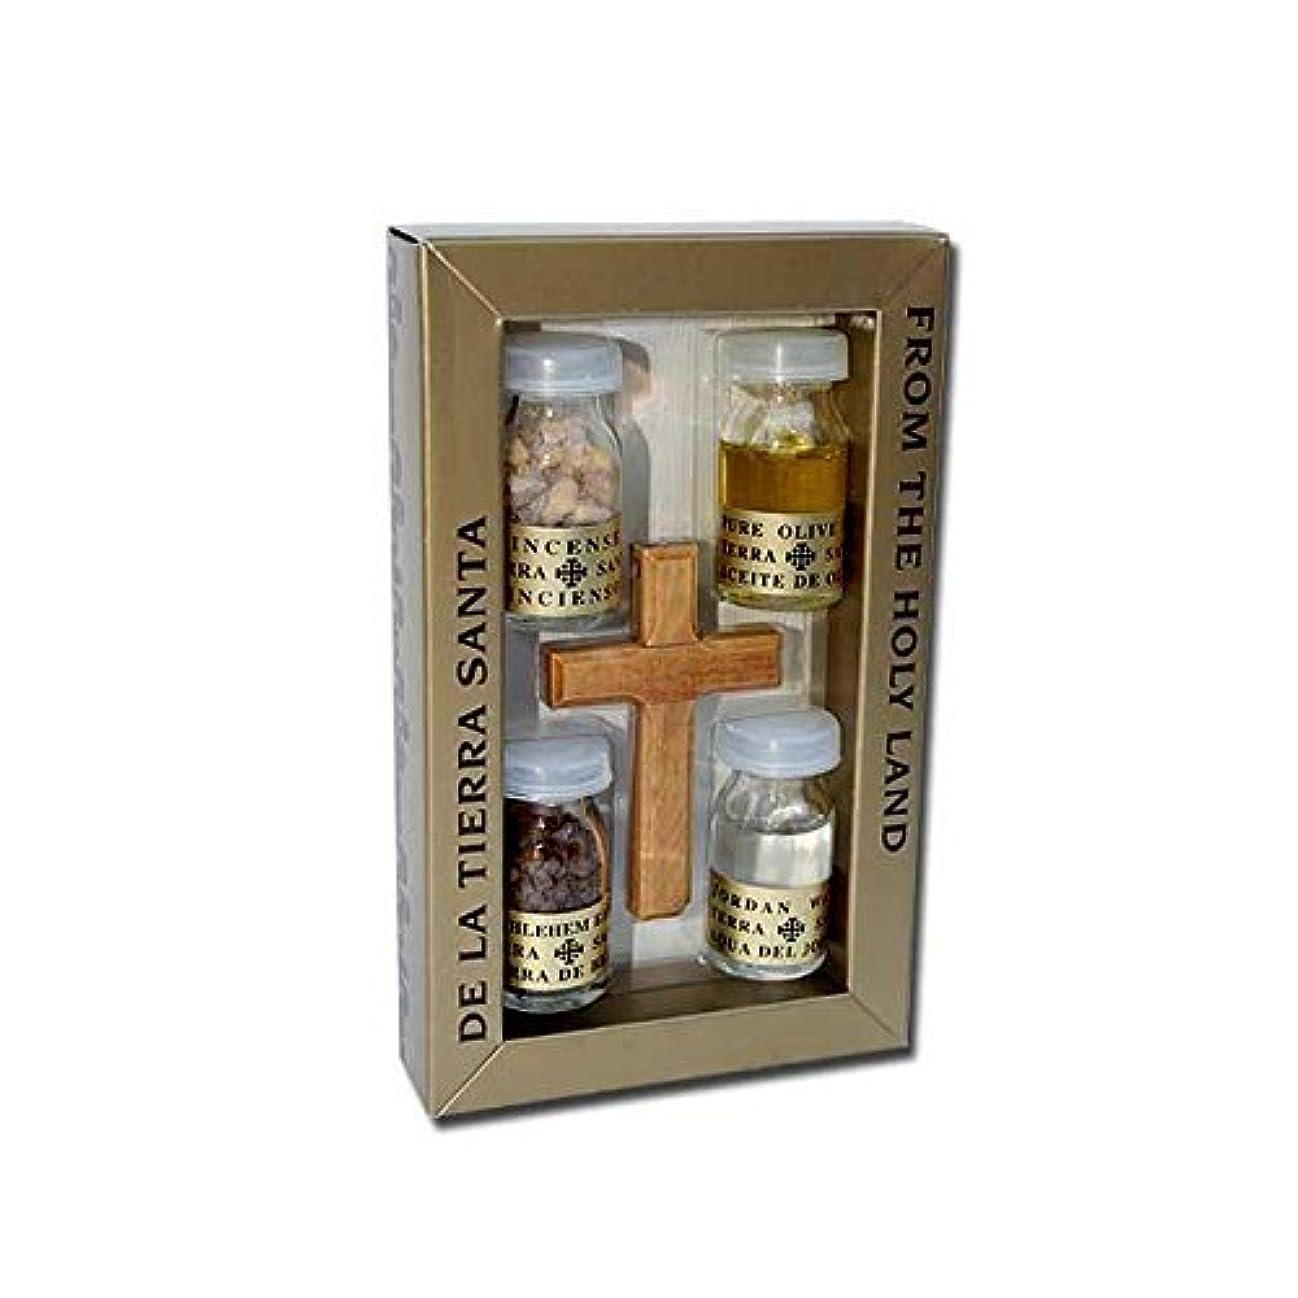 オリーブウッドクロスセットwith 4 Bottles – オイル、水、Incense & Earth – Prayerカードby HolyRoses